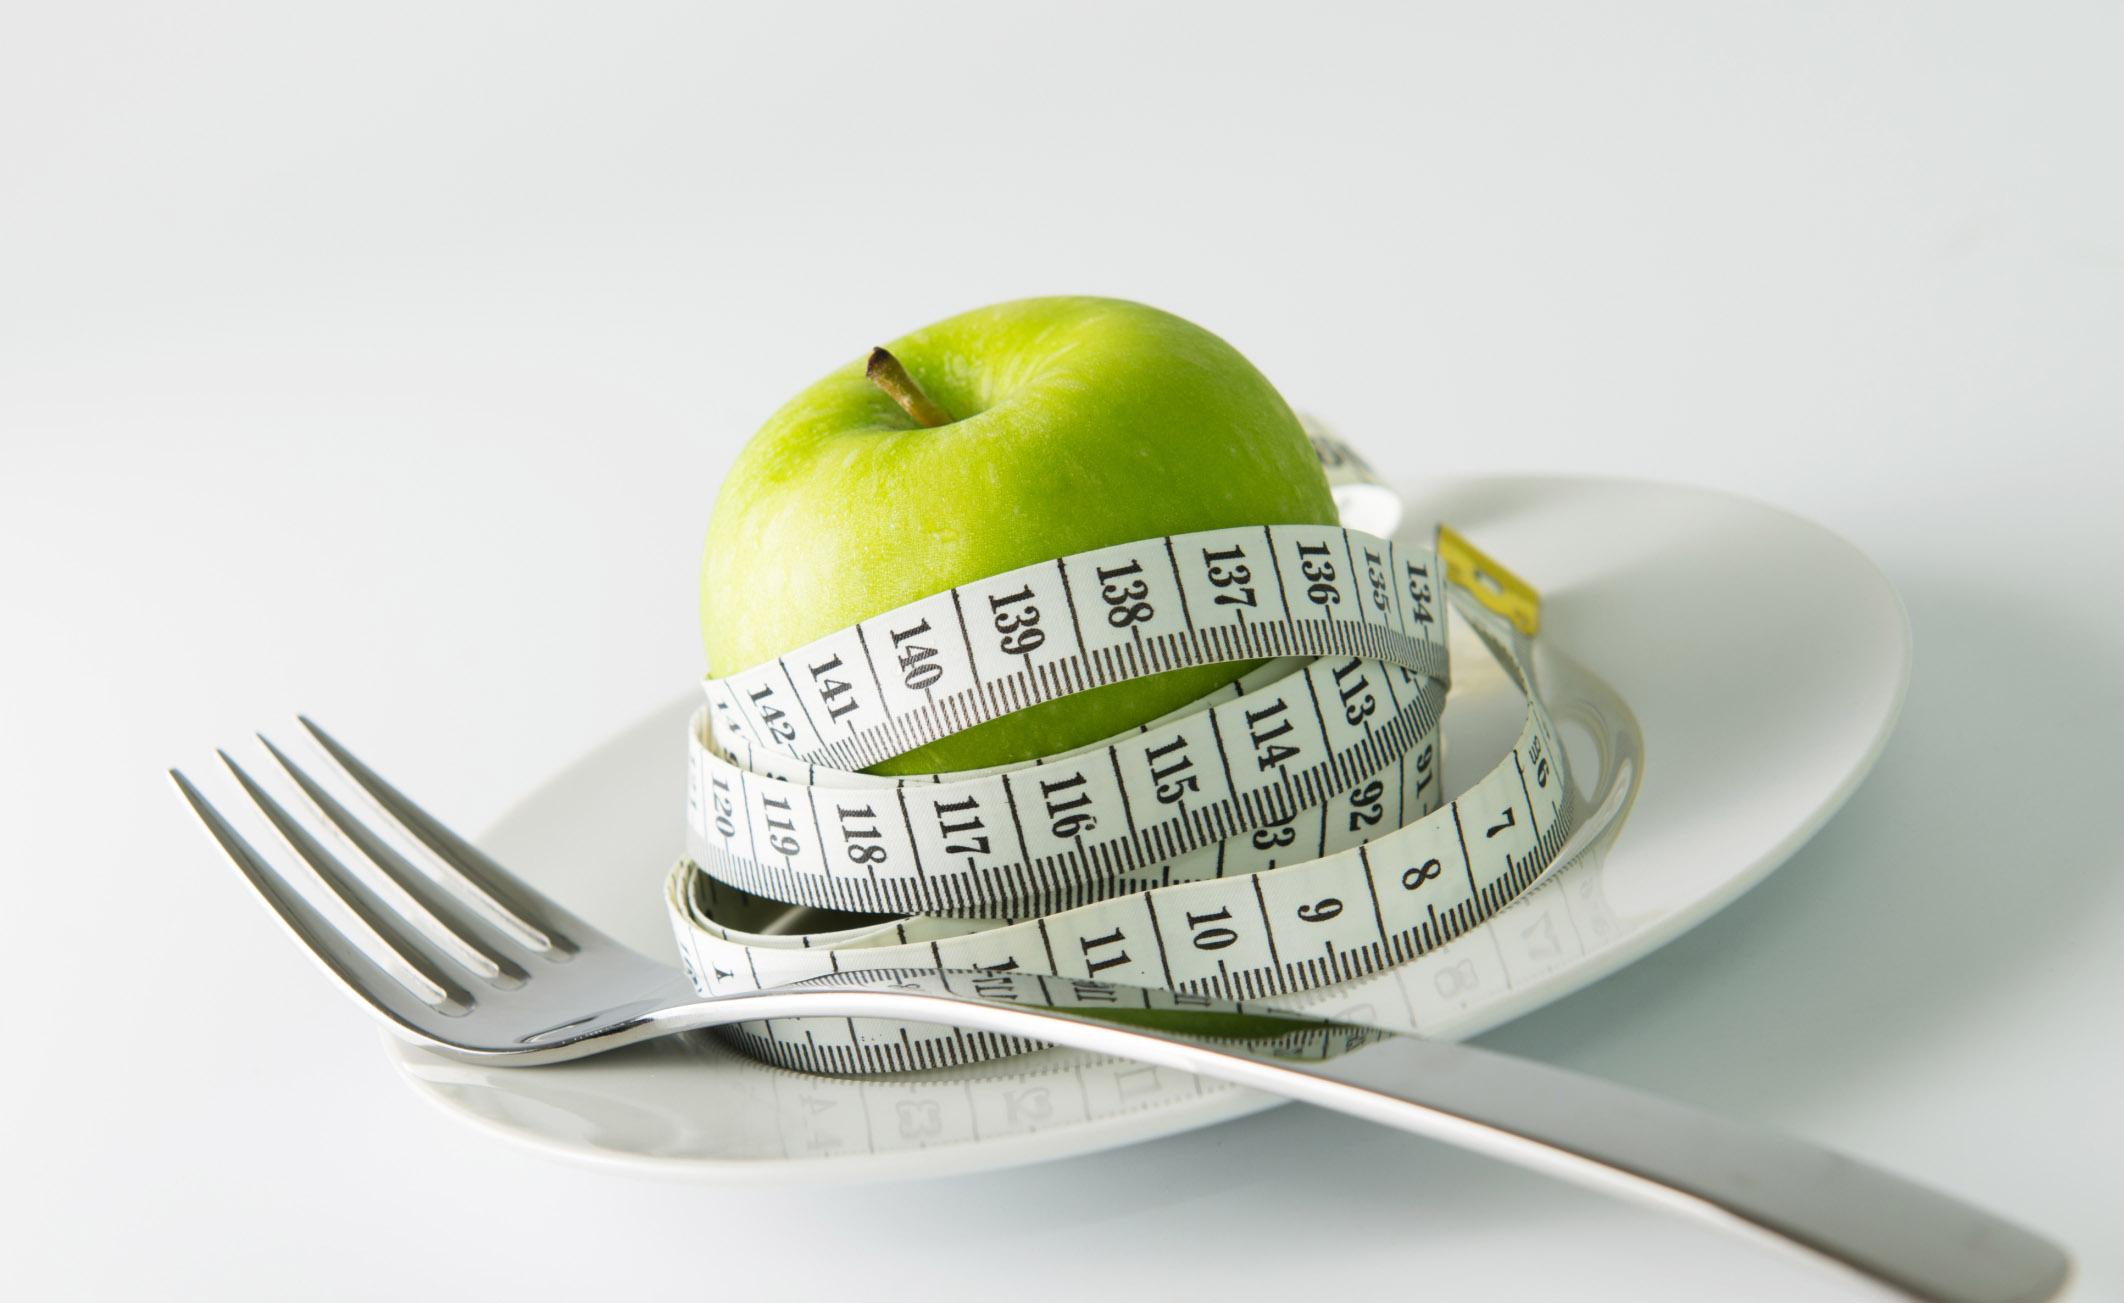 In futuro fare la dieta sarà semplice: basterà bloccare il senso della fame